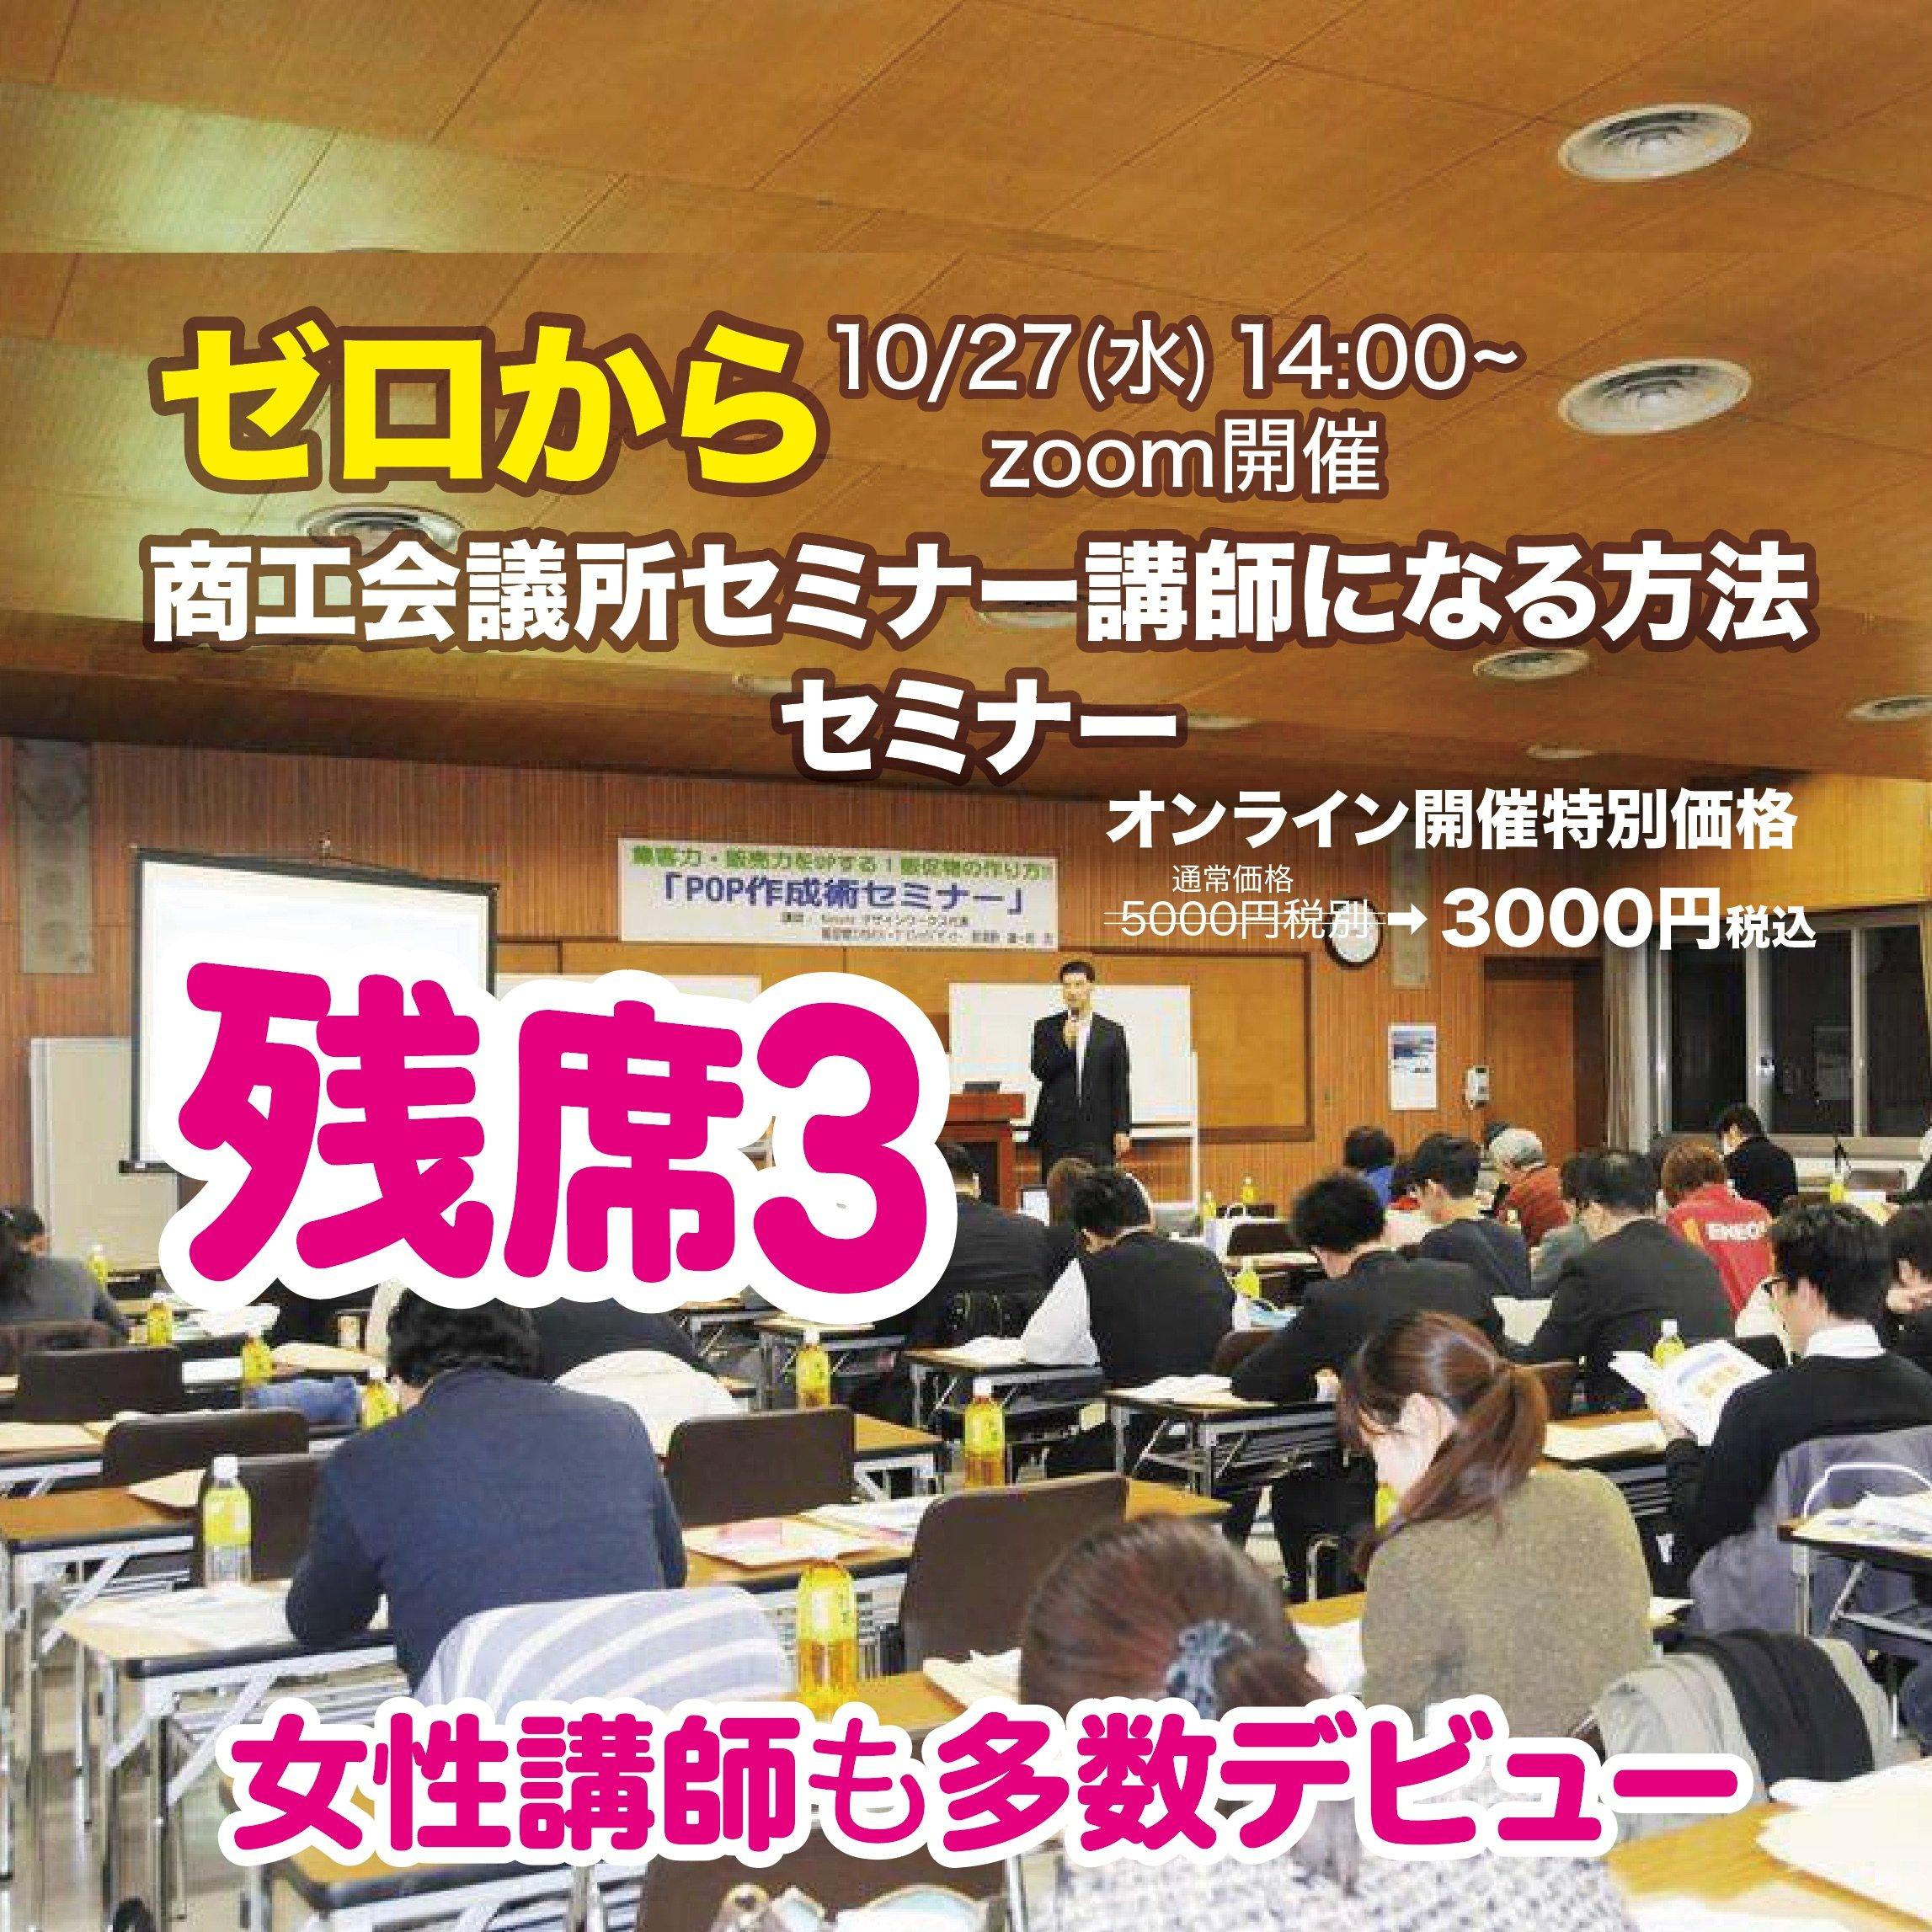 10/27(水) zoom ゼロから商工会議所セミナー講師になる方法セミナーのイメージその1